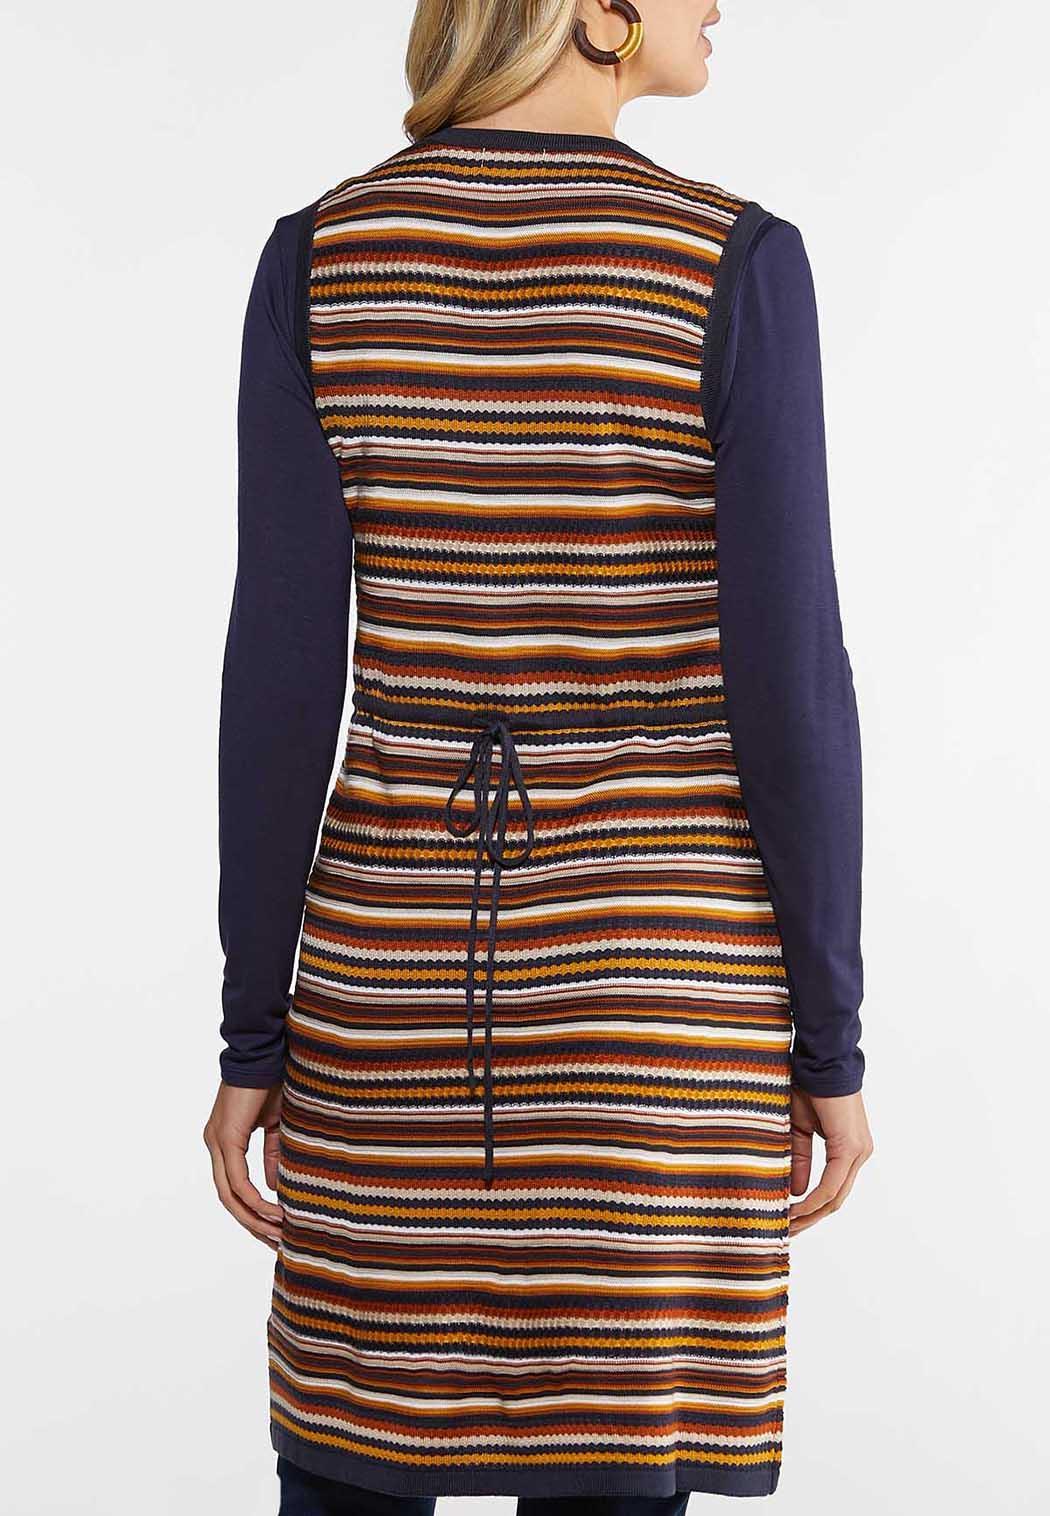 Navy Stripe Vest (Item #43999763)